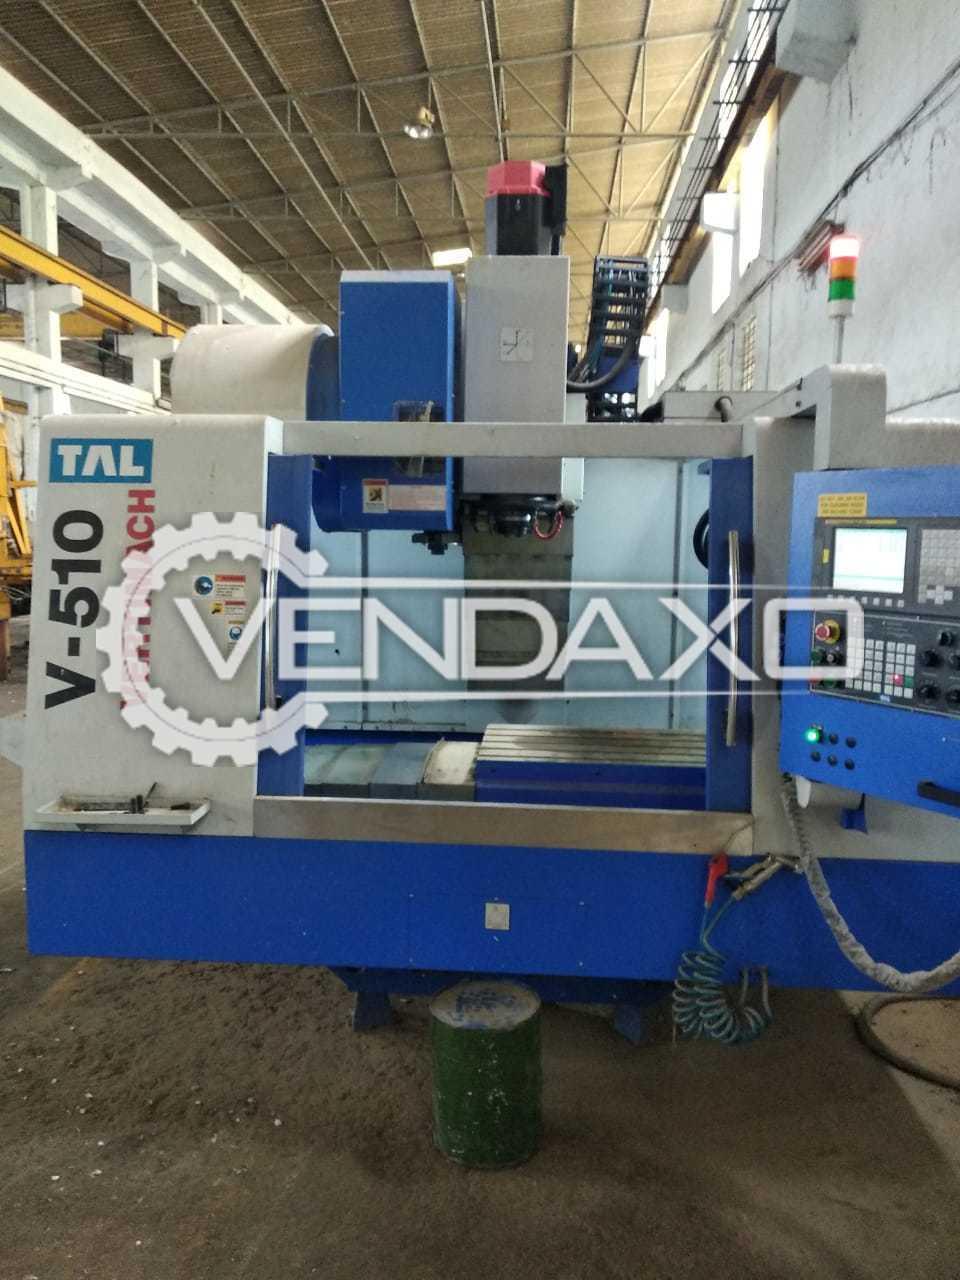 TAL V510 CNC Vertical Machining Center - 800 x 500 mm